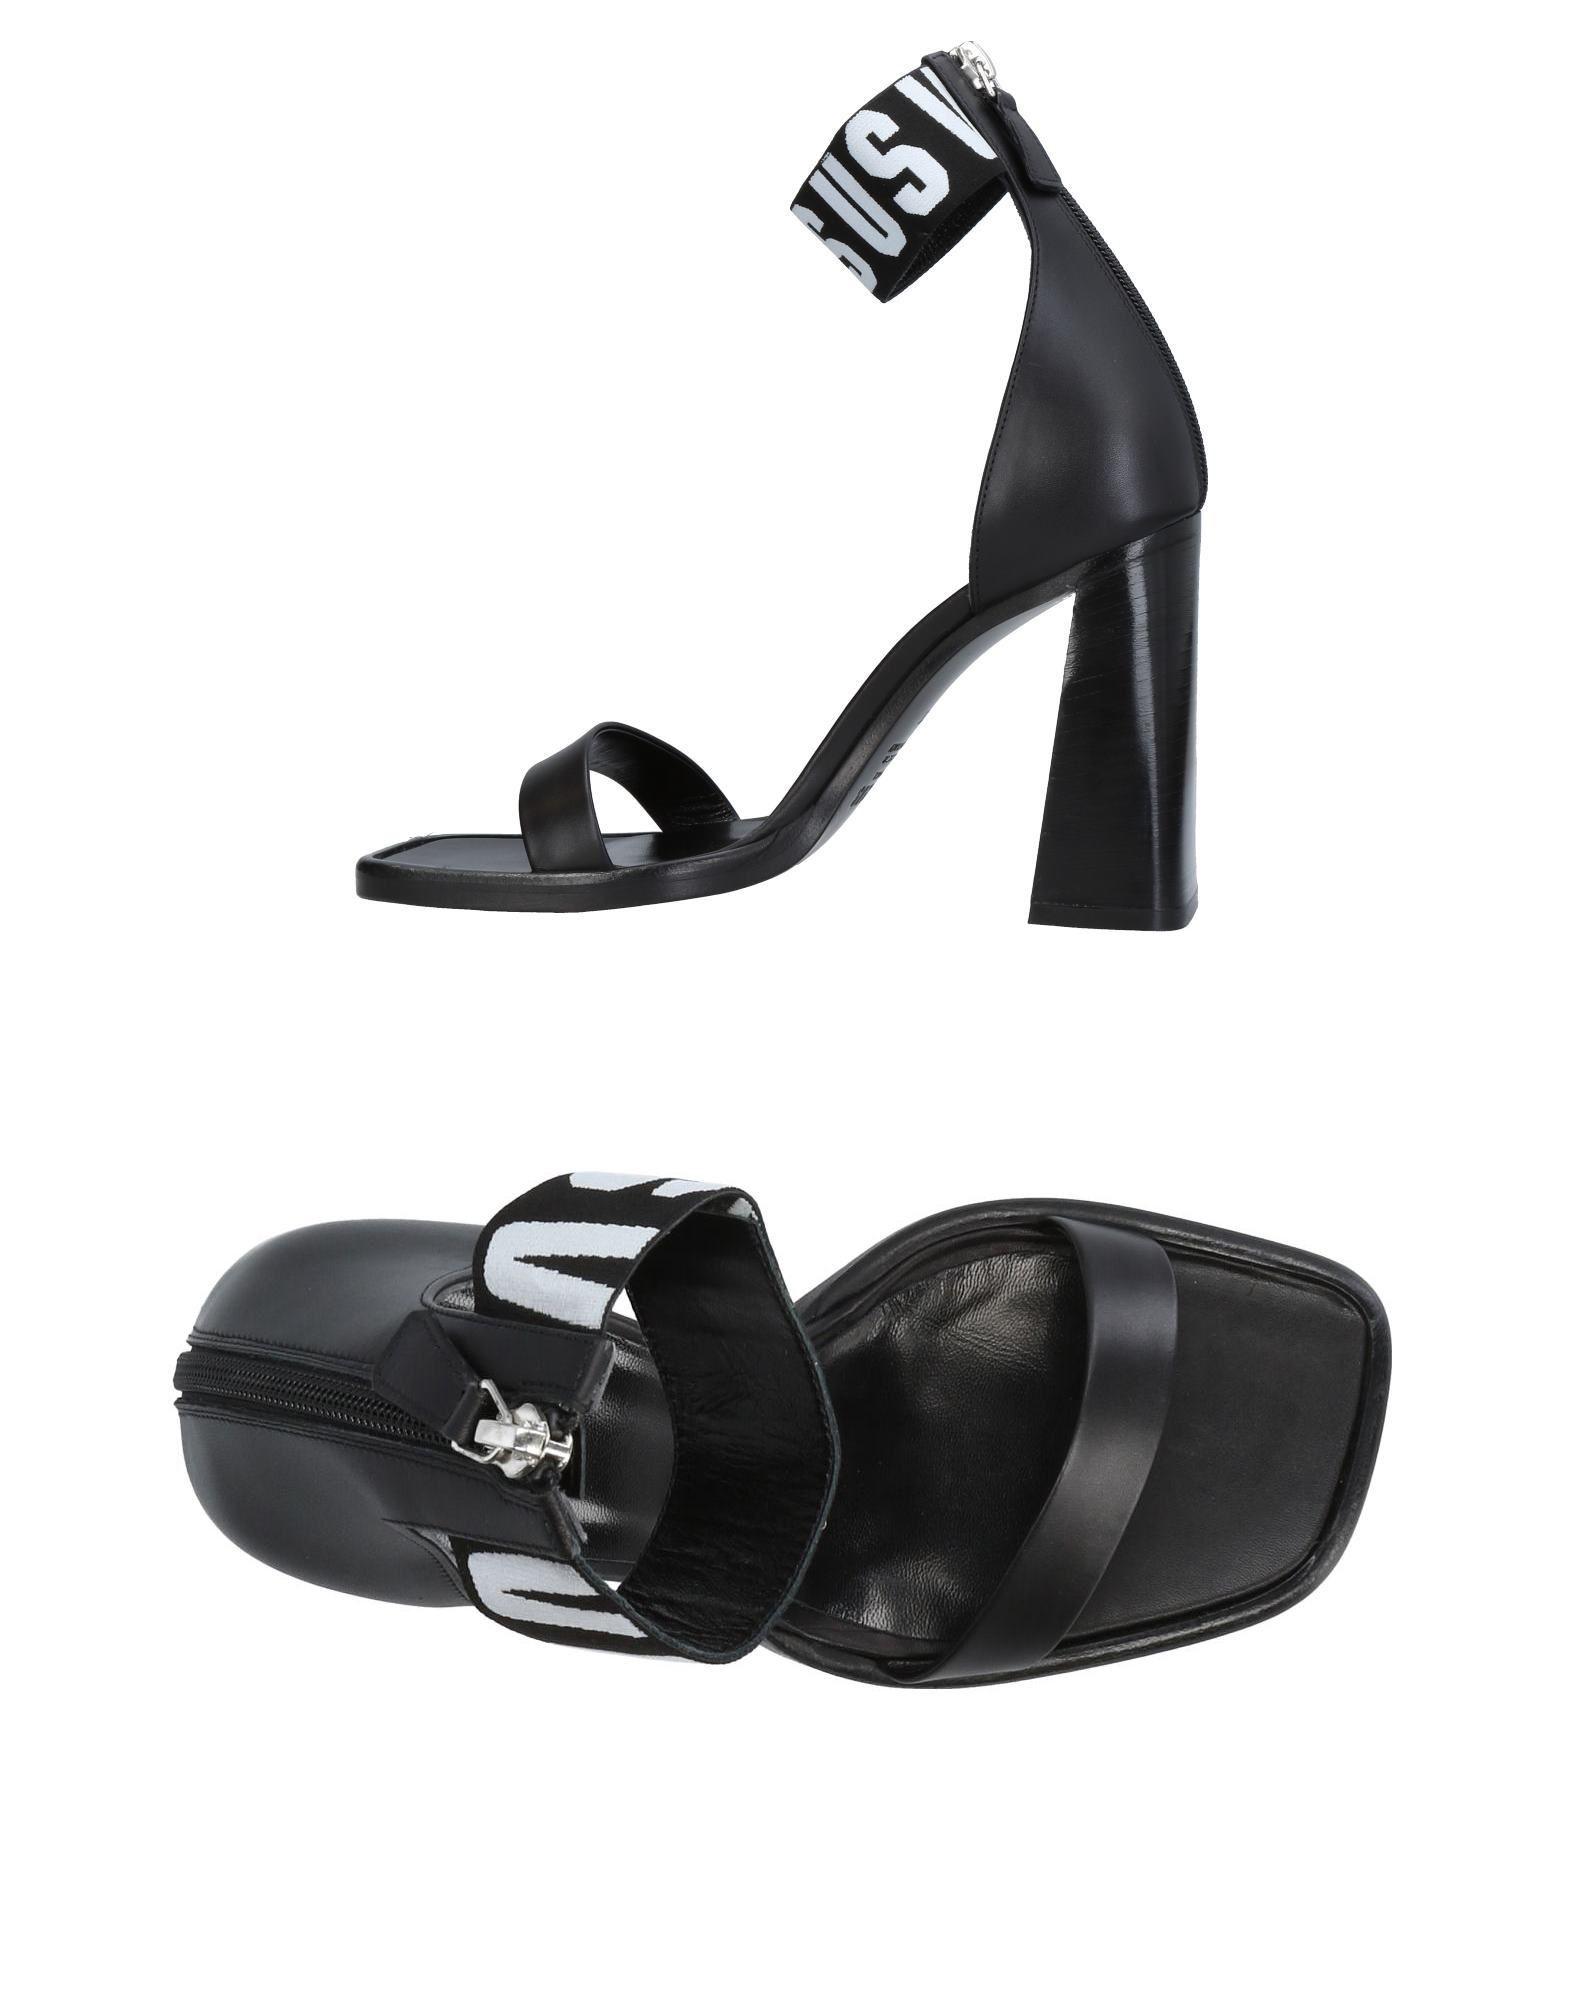 Versus Versace Sandals - Women Versace Versus Versace Women Sandals online on  Australia - 11439908OF adb75a